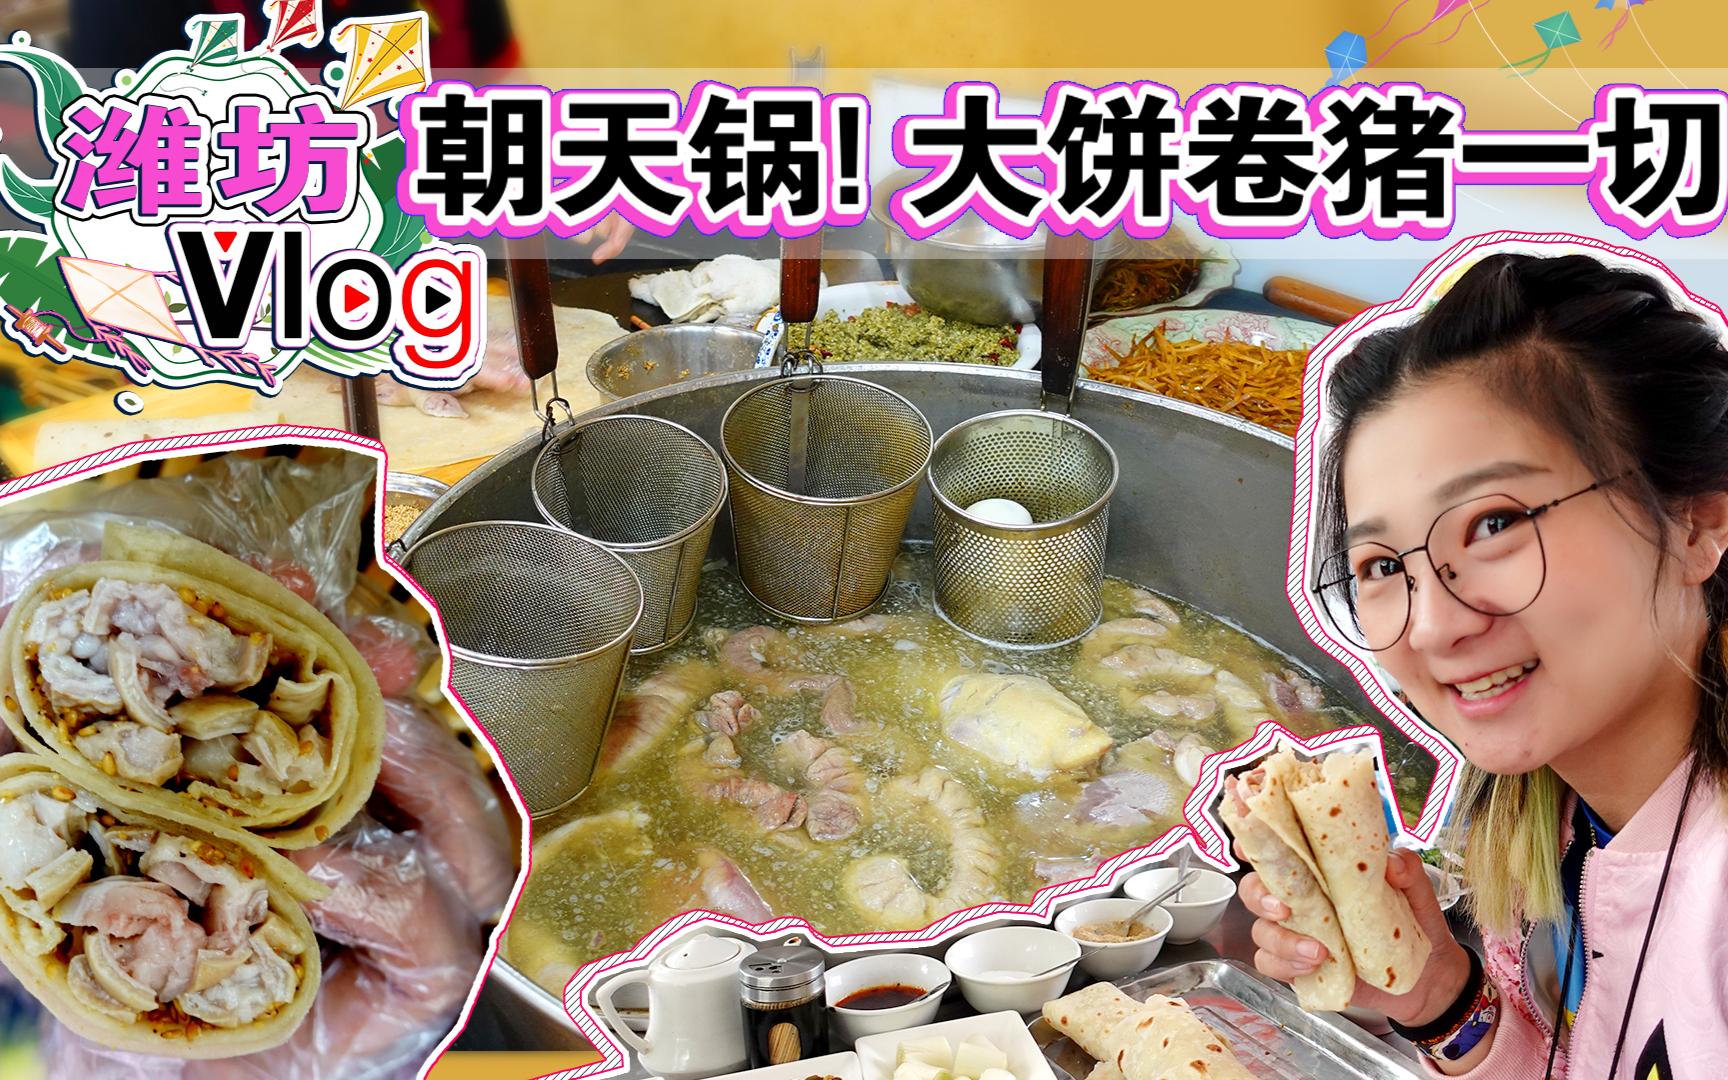 【逛吃潍坊】朝天锅不是火锅,是大饼卷猪一切~撒上芝麻盐,绝了